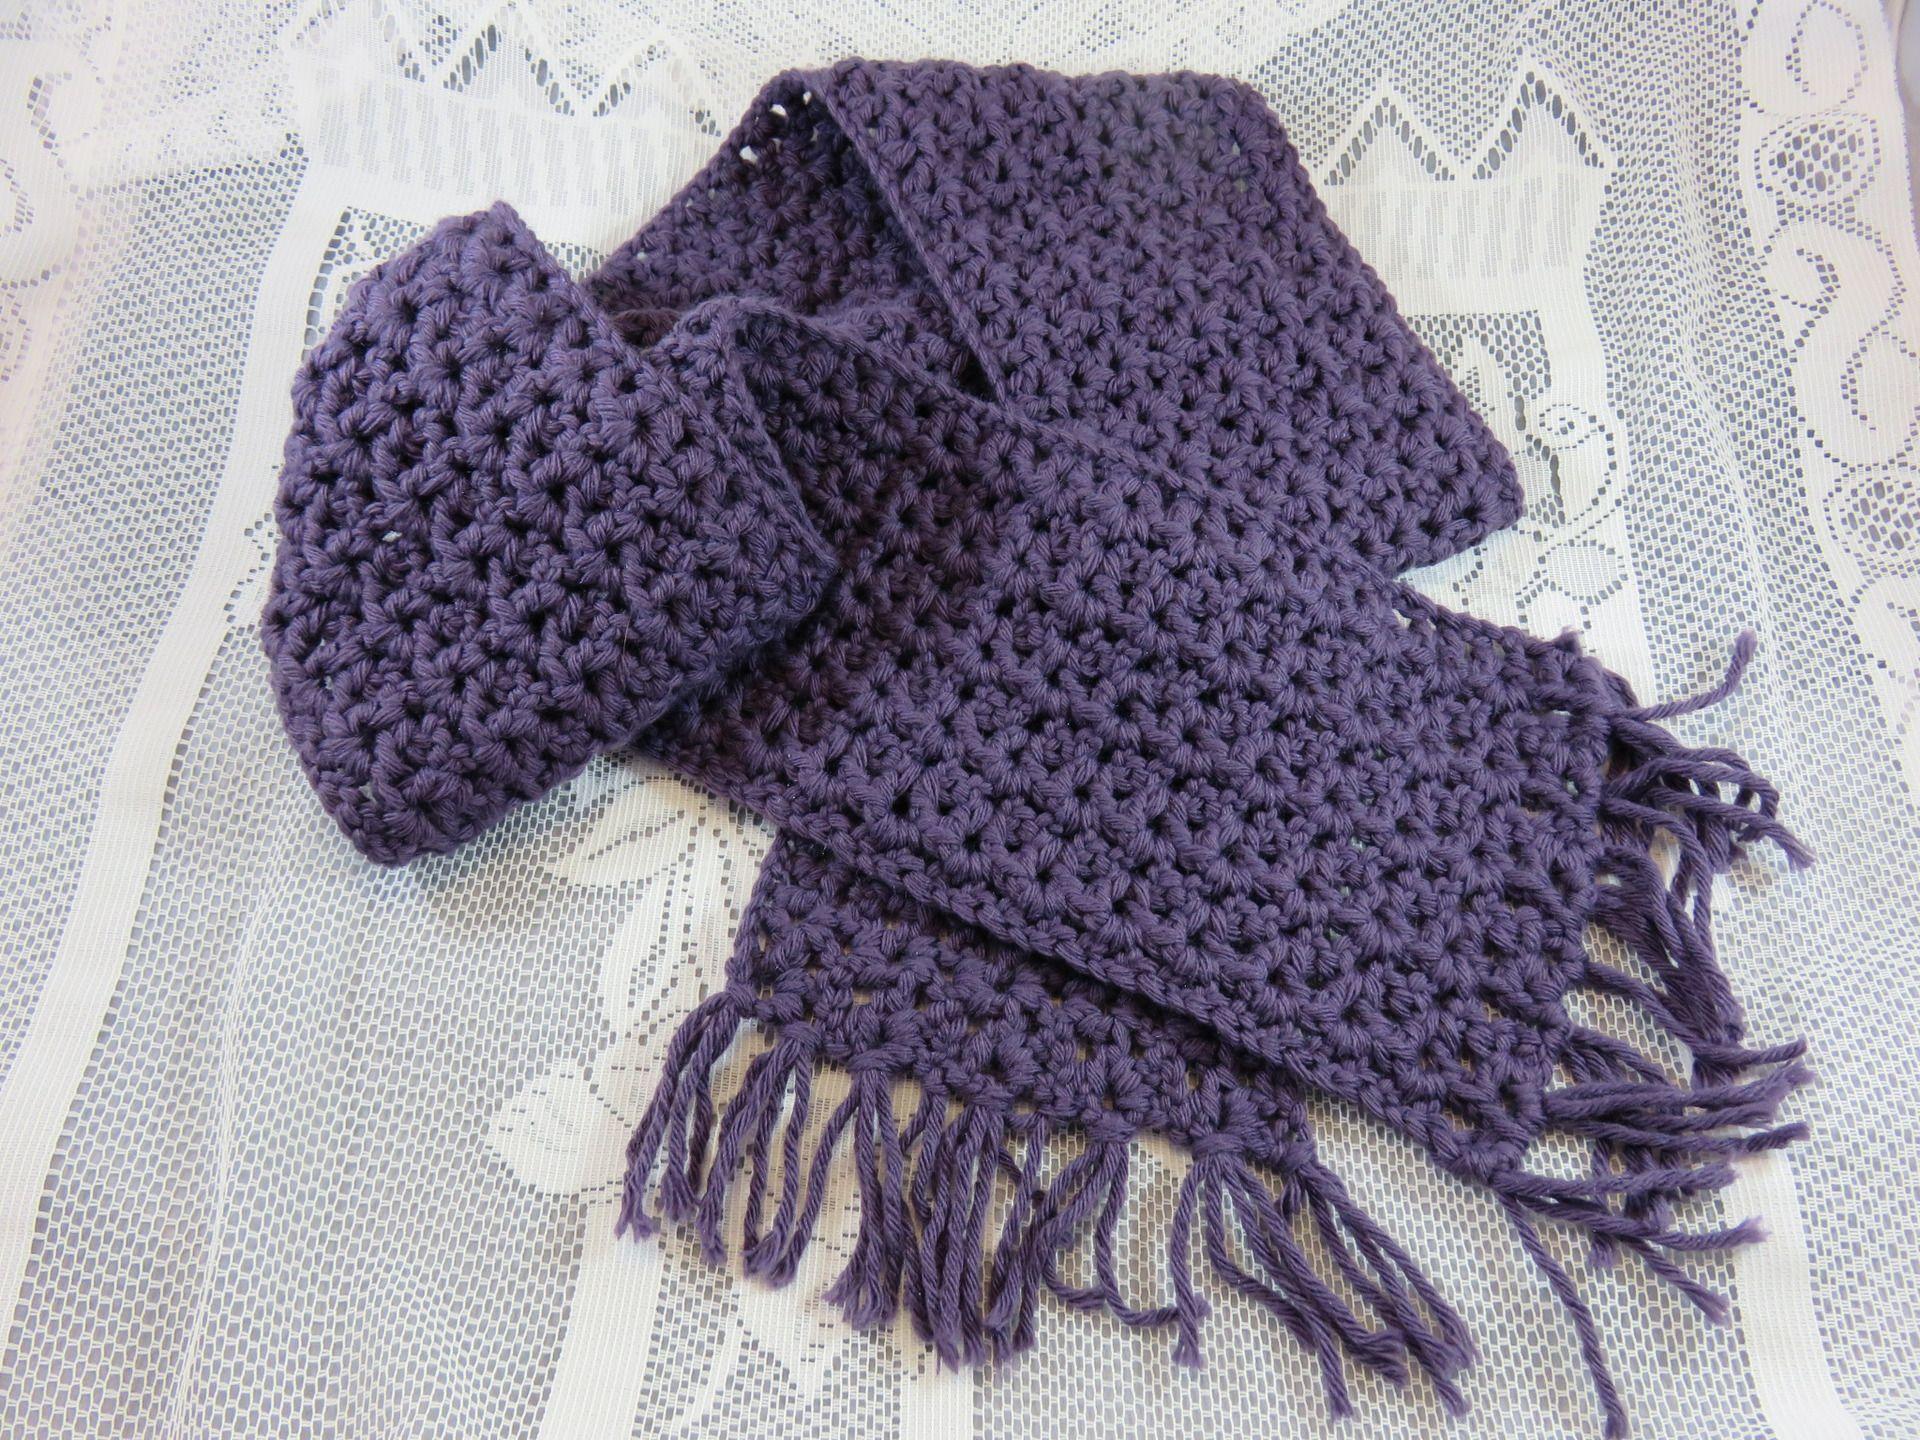 Echarpe laine au crochet jolie point fantaisie modele fille et femme phildar couleur mure - Point fantaisie tricot phildar ...